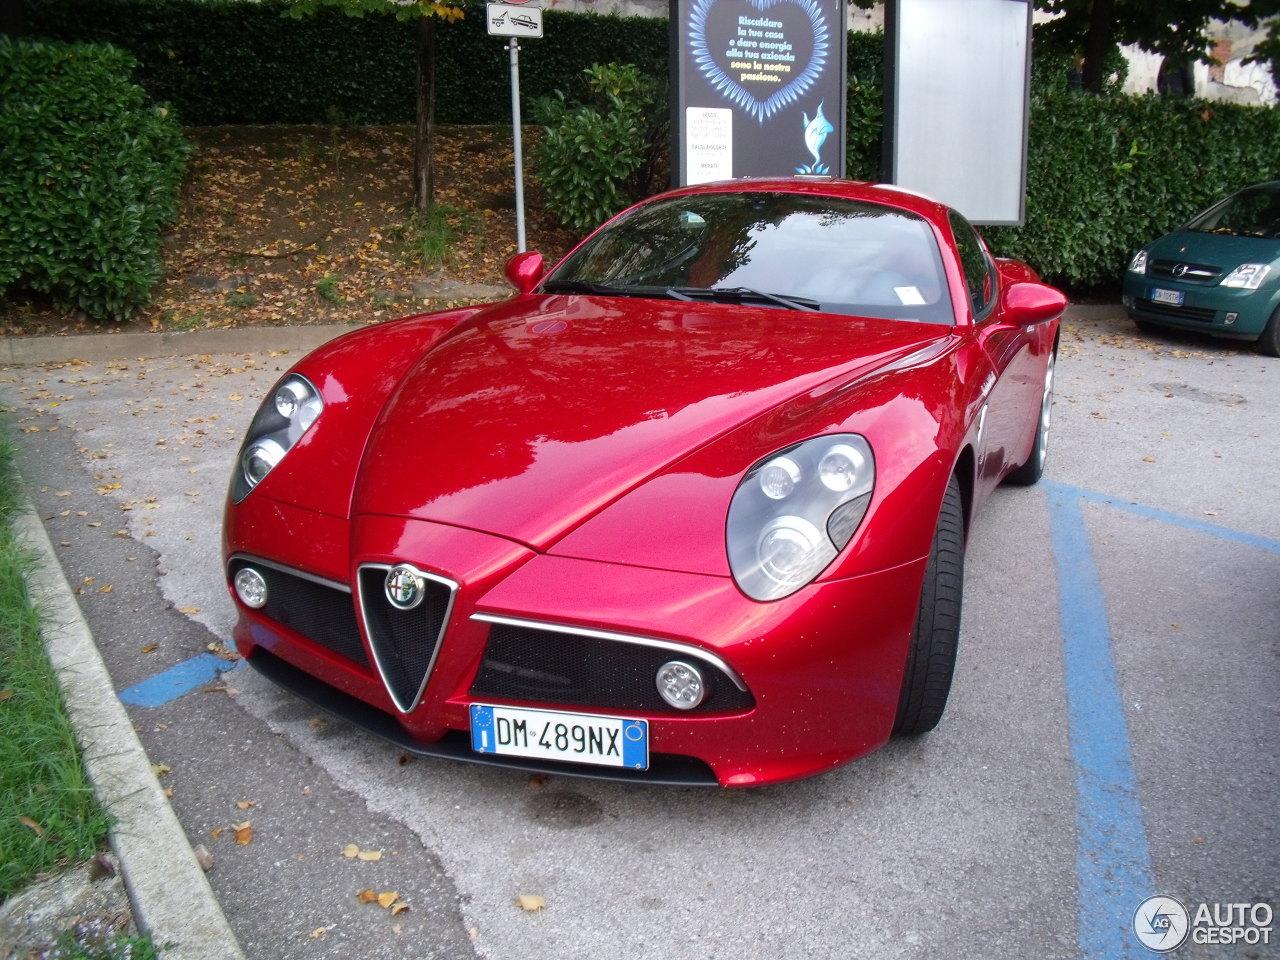 Alfa Romeo 8C Competizione - 2 April 2013 - Autogespot